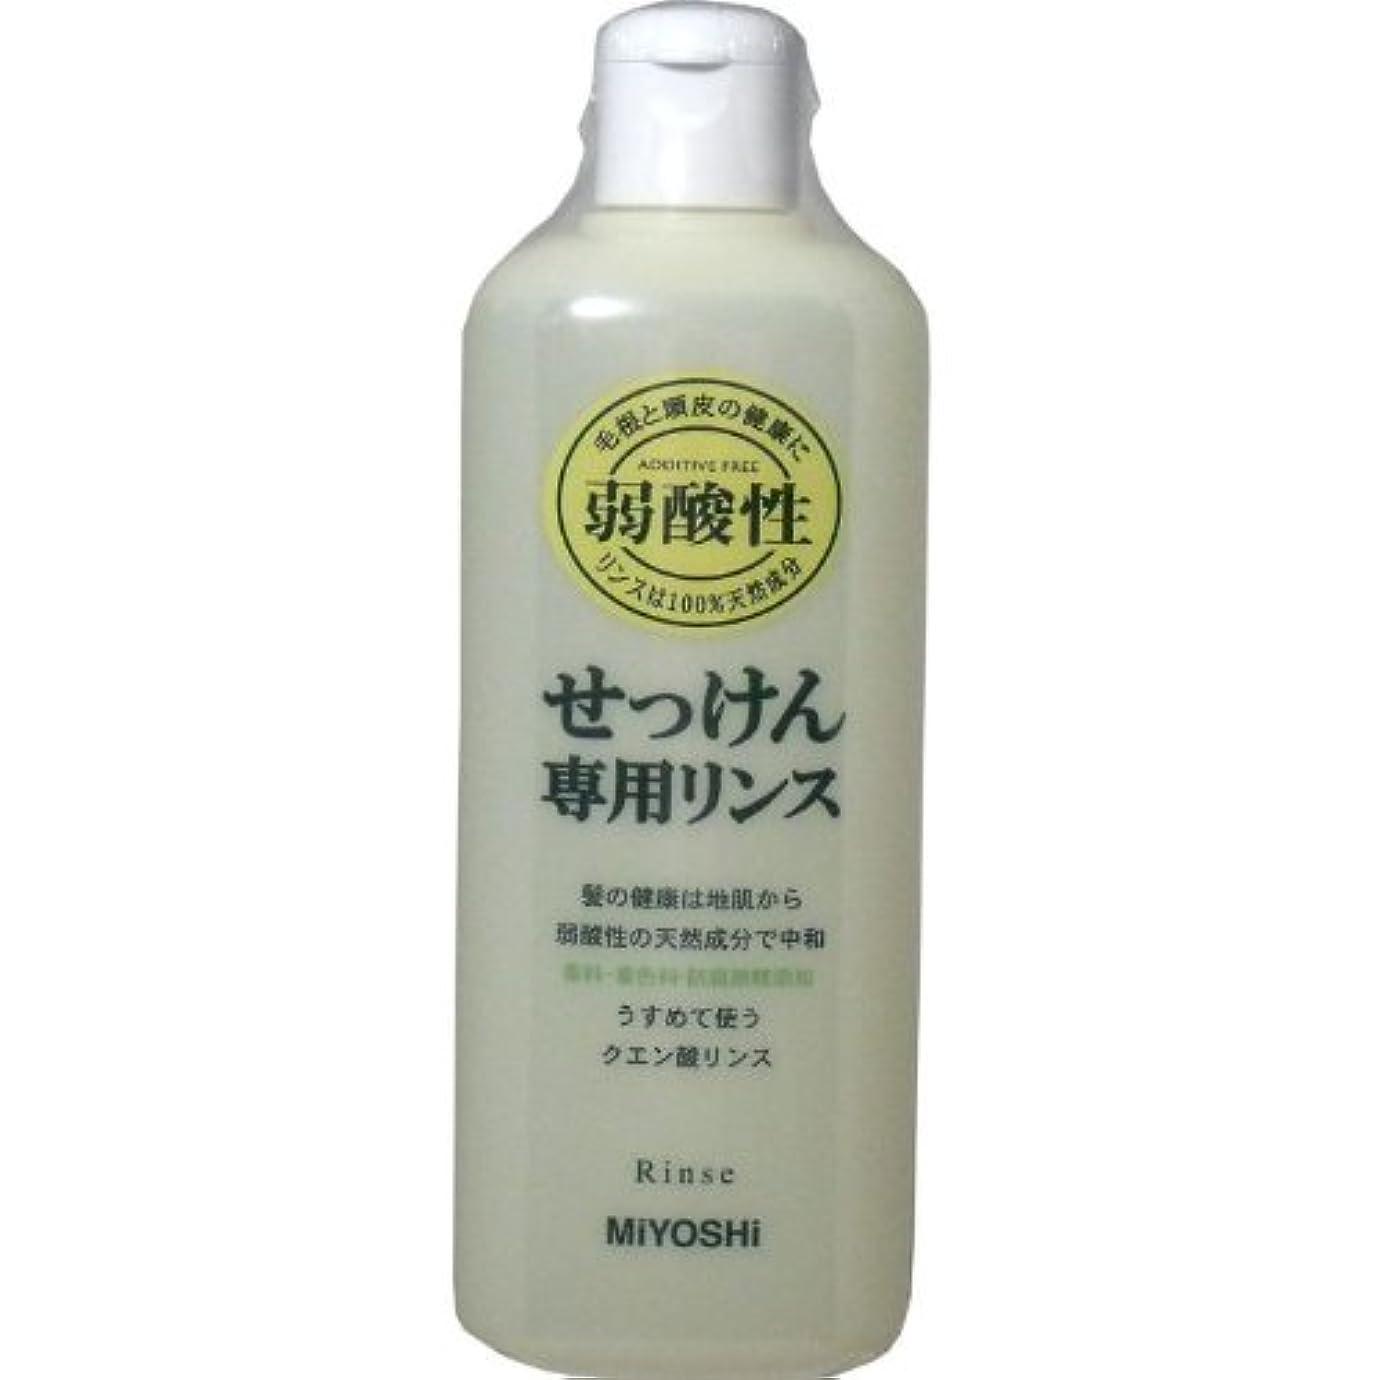 合意所得全く髪の健康は地肌から、弱酸性の天然成分で中和!!香料、防腐剤、着色料無添加!うすめて使うクエン酸リンス!リンス 350mL